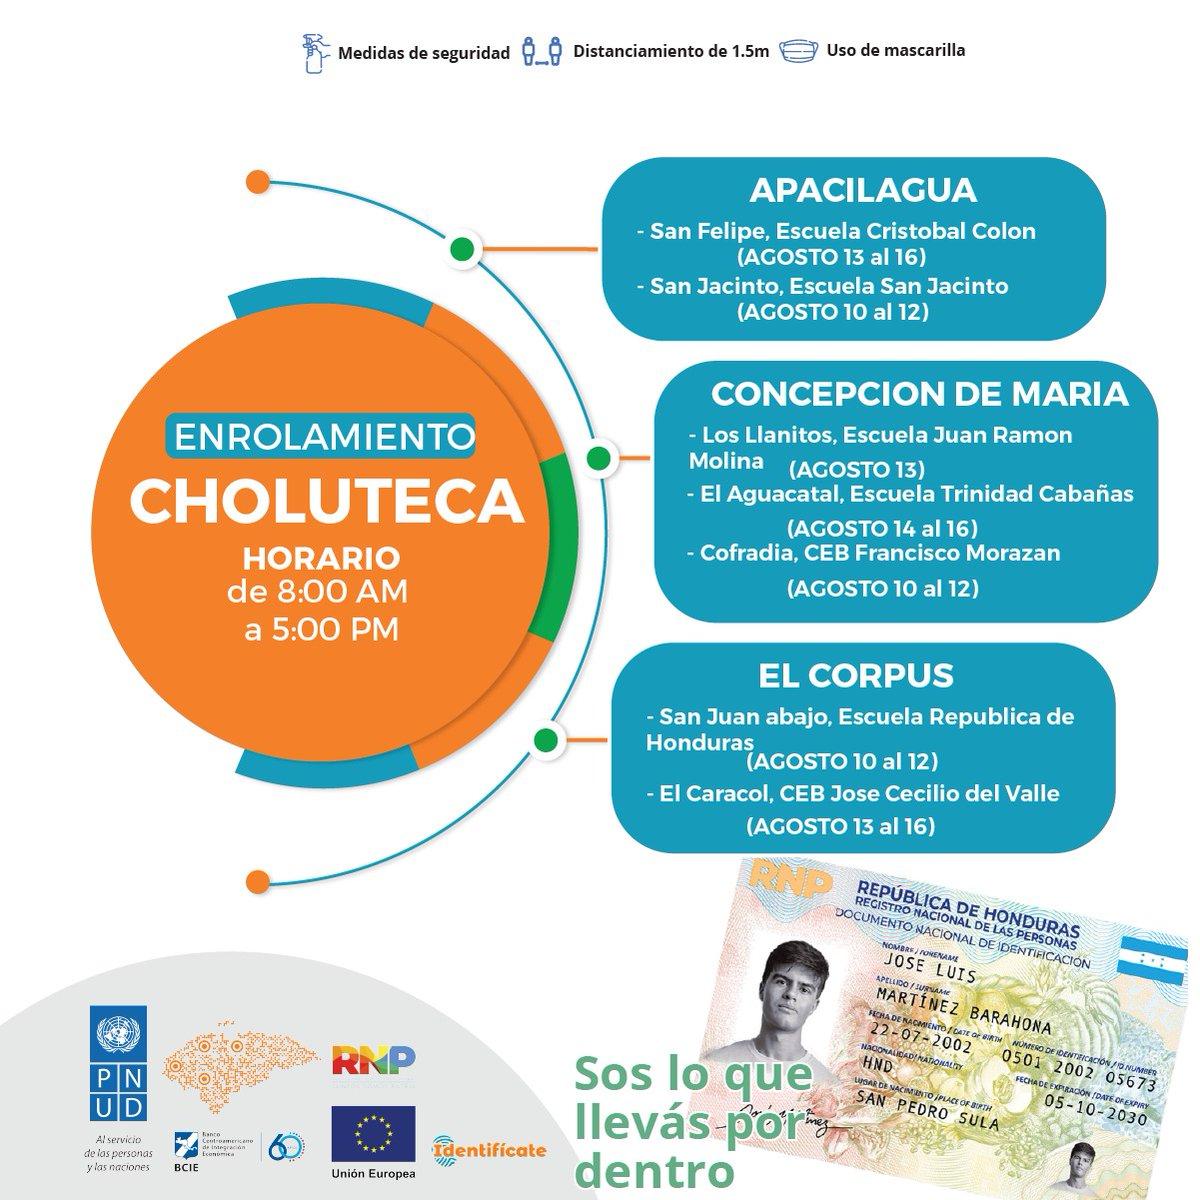 Choluteca #Identifícate ya estamos listos en los siguientes lugares solicita tu nuevo #DNI.pic.twitter.com/yVZBW4c954